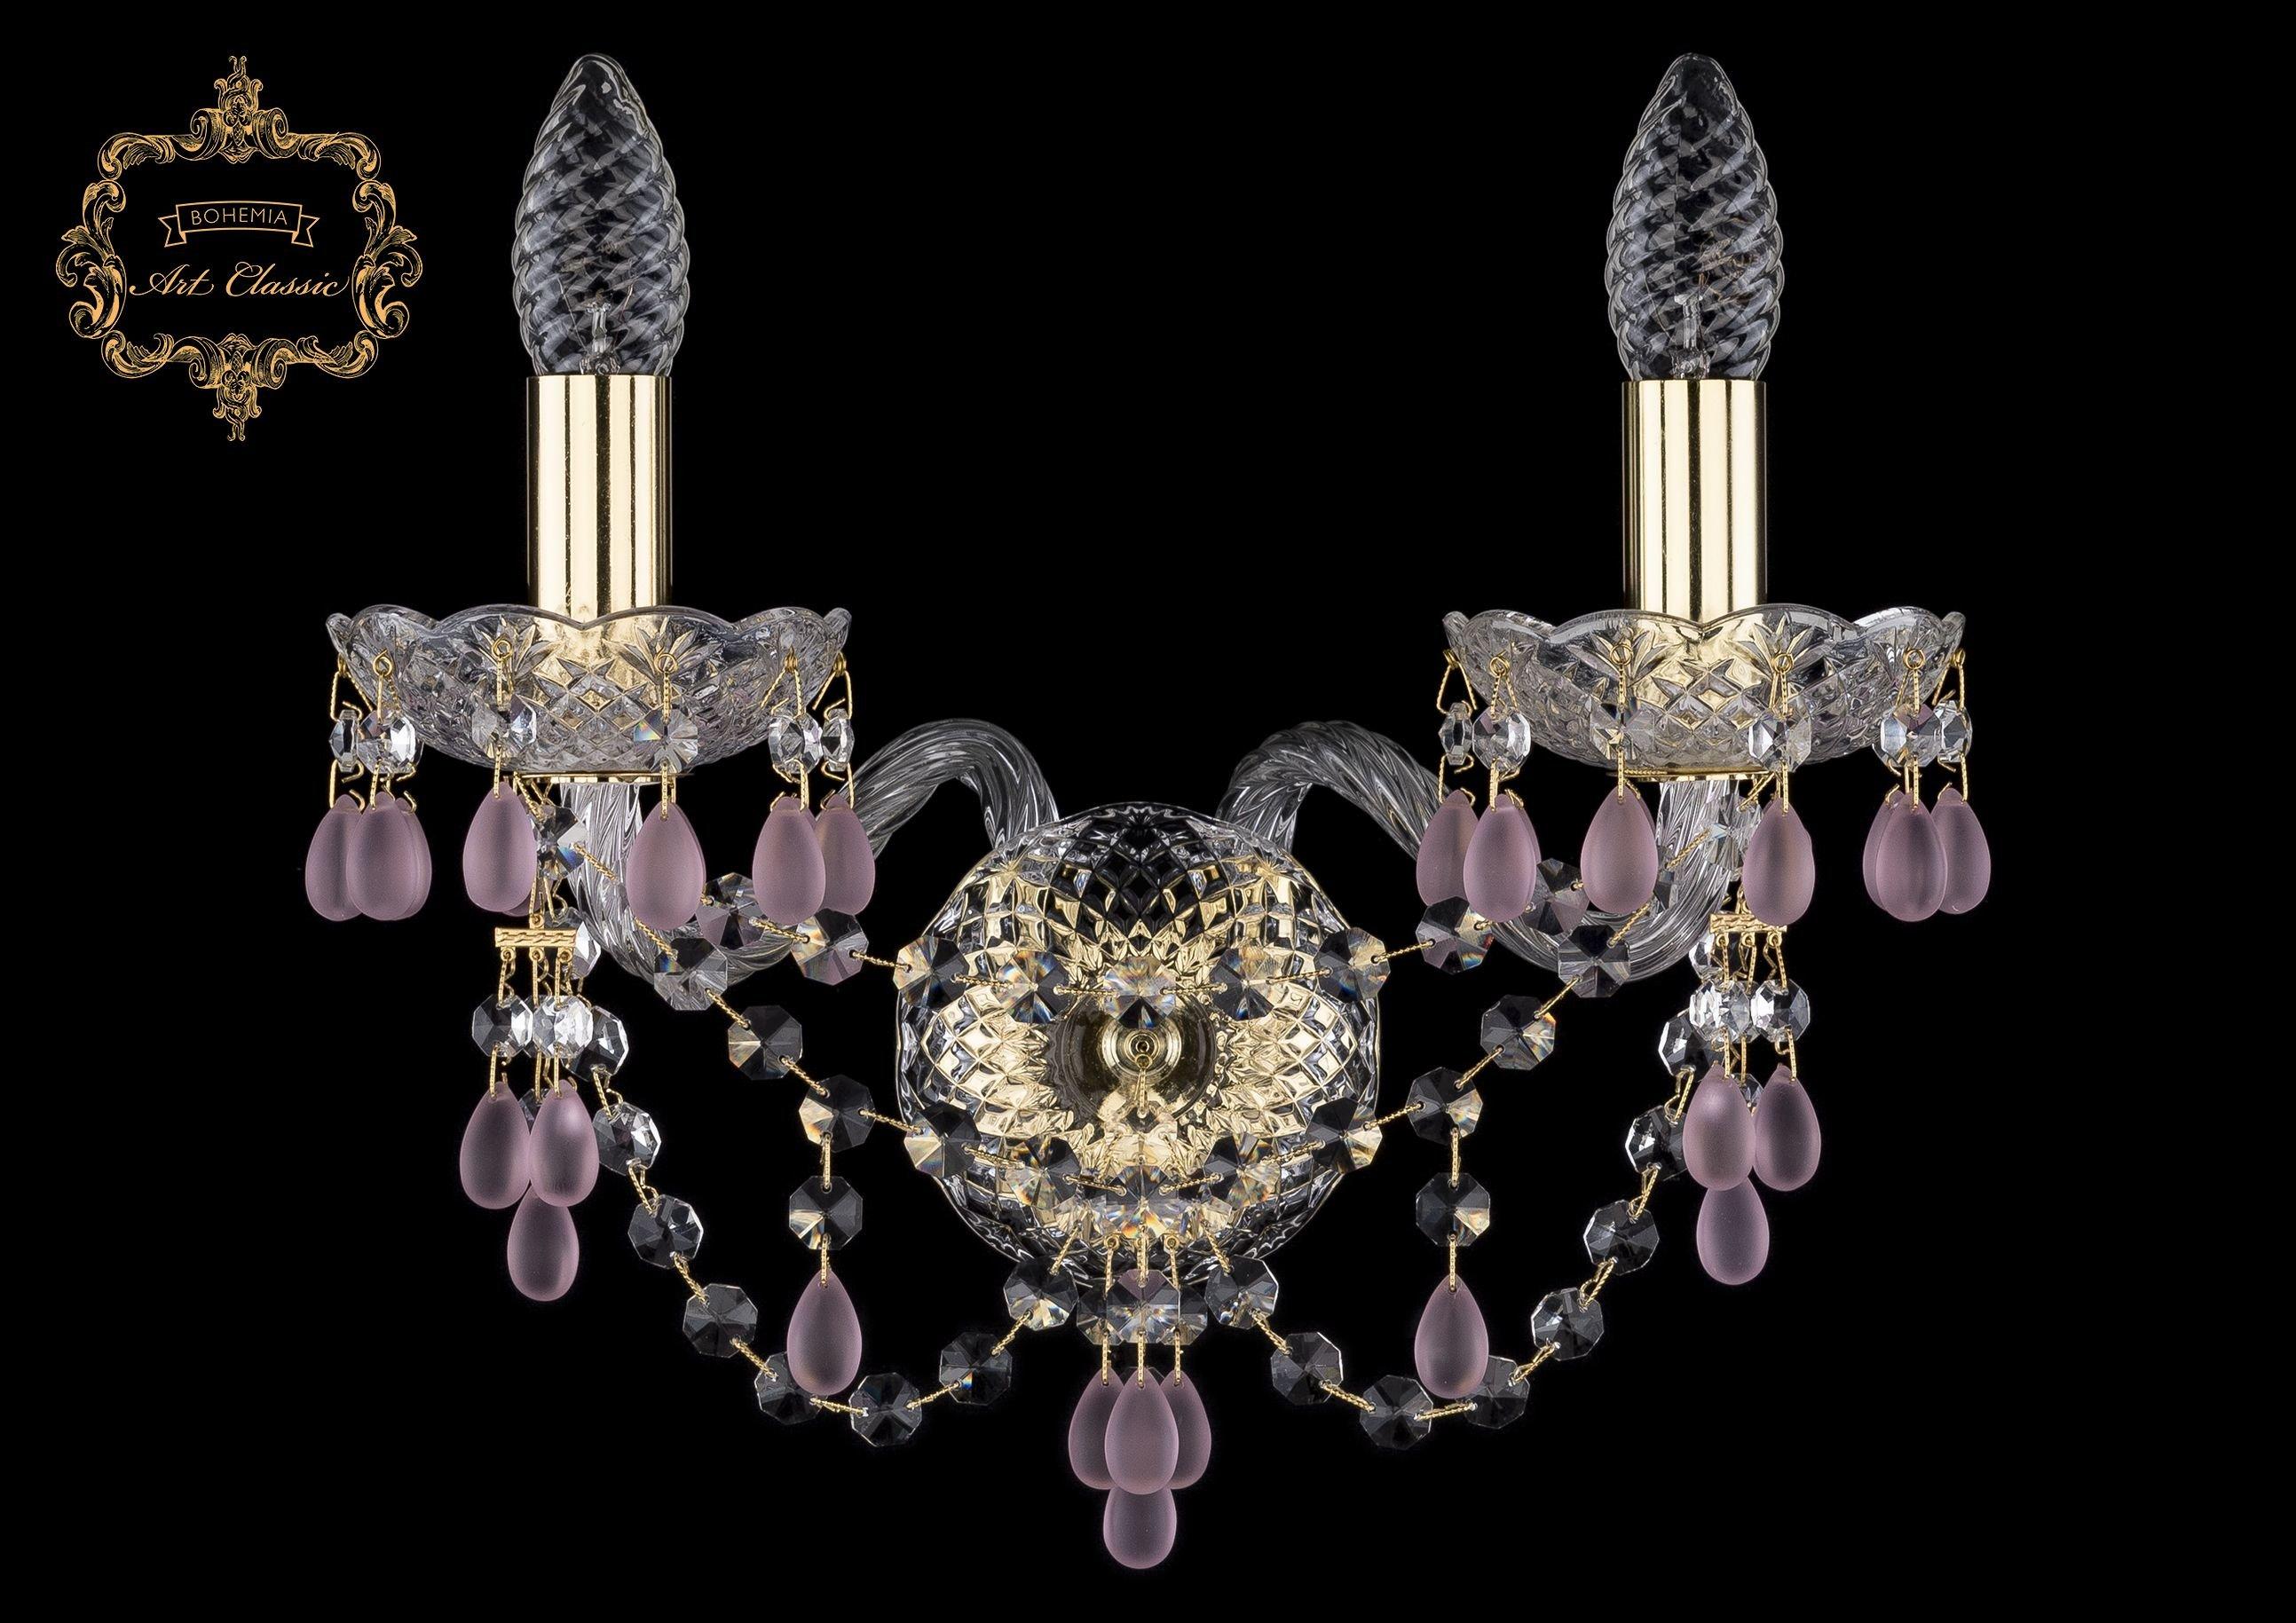 Настенный светильник Bohemia Art Classic 10.24.2.141.Gd.V7010 11.24